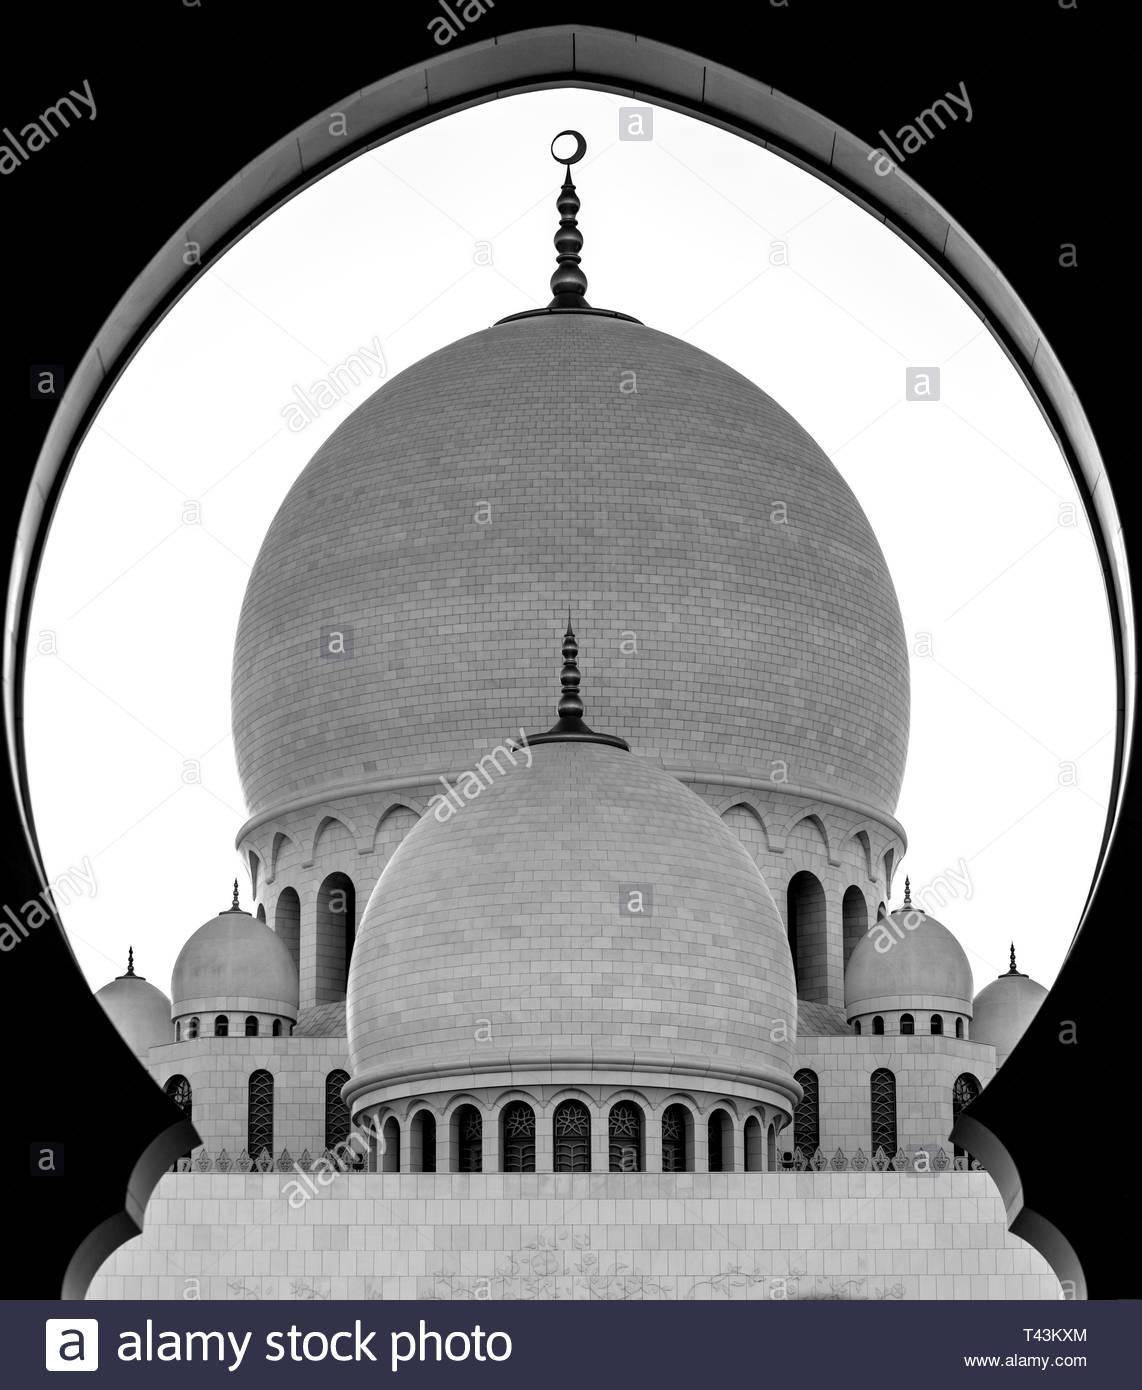 Graustufen Foto von Moschee Stockbild